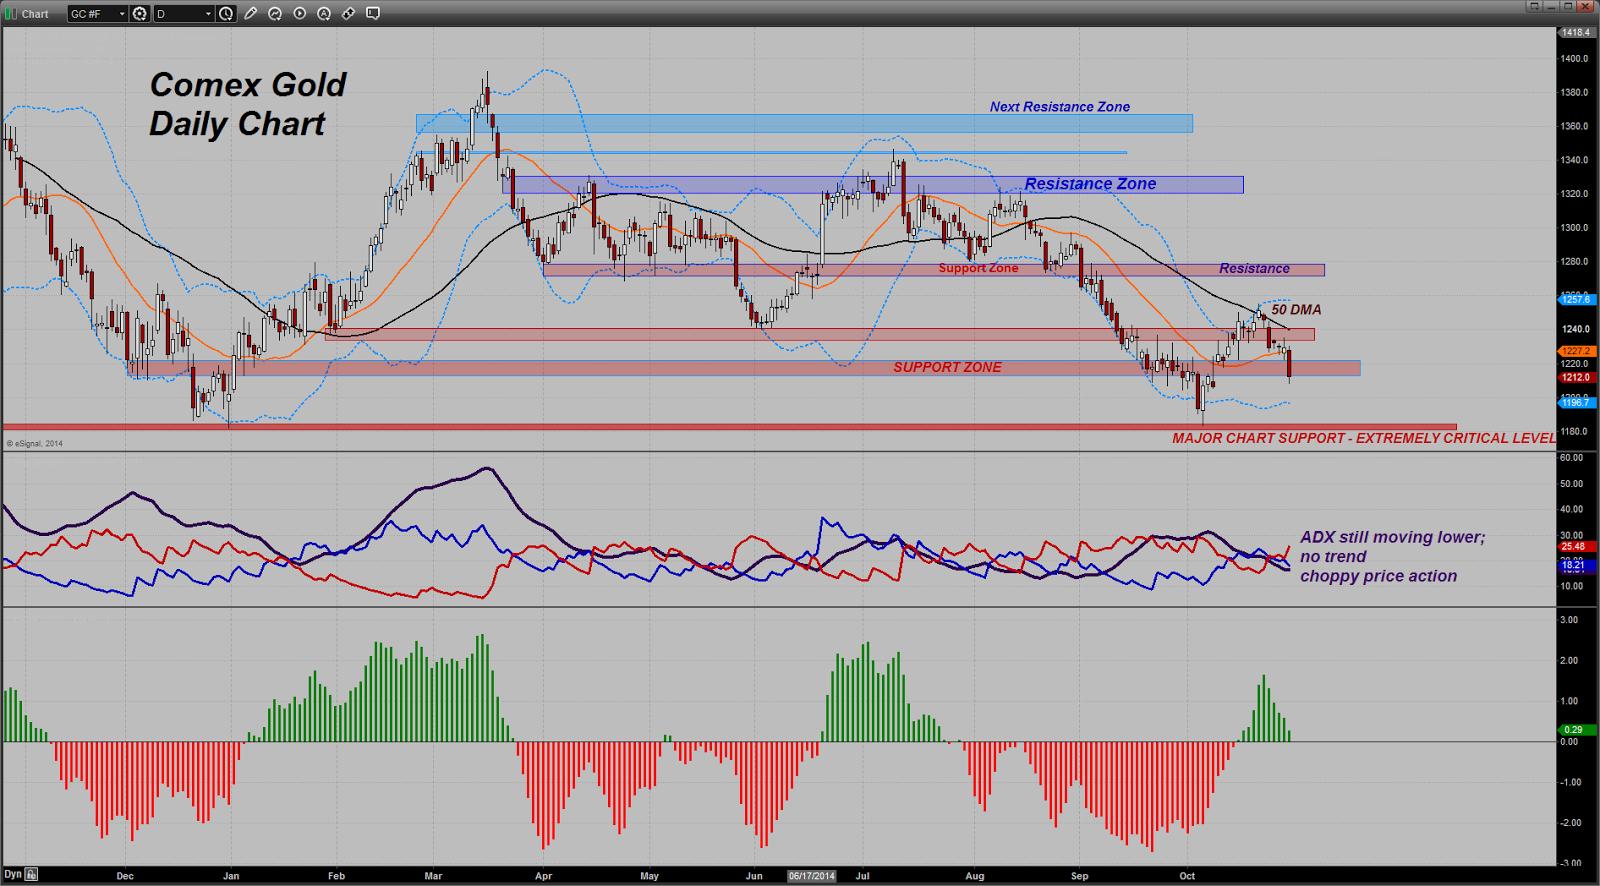 prix de l'or, de l'argent et des minières / suivi quotidien en clôture - Page 14 Chart20141029121119